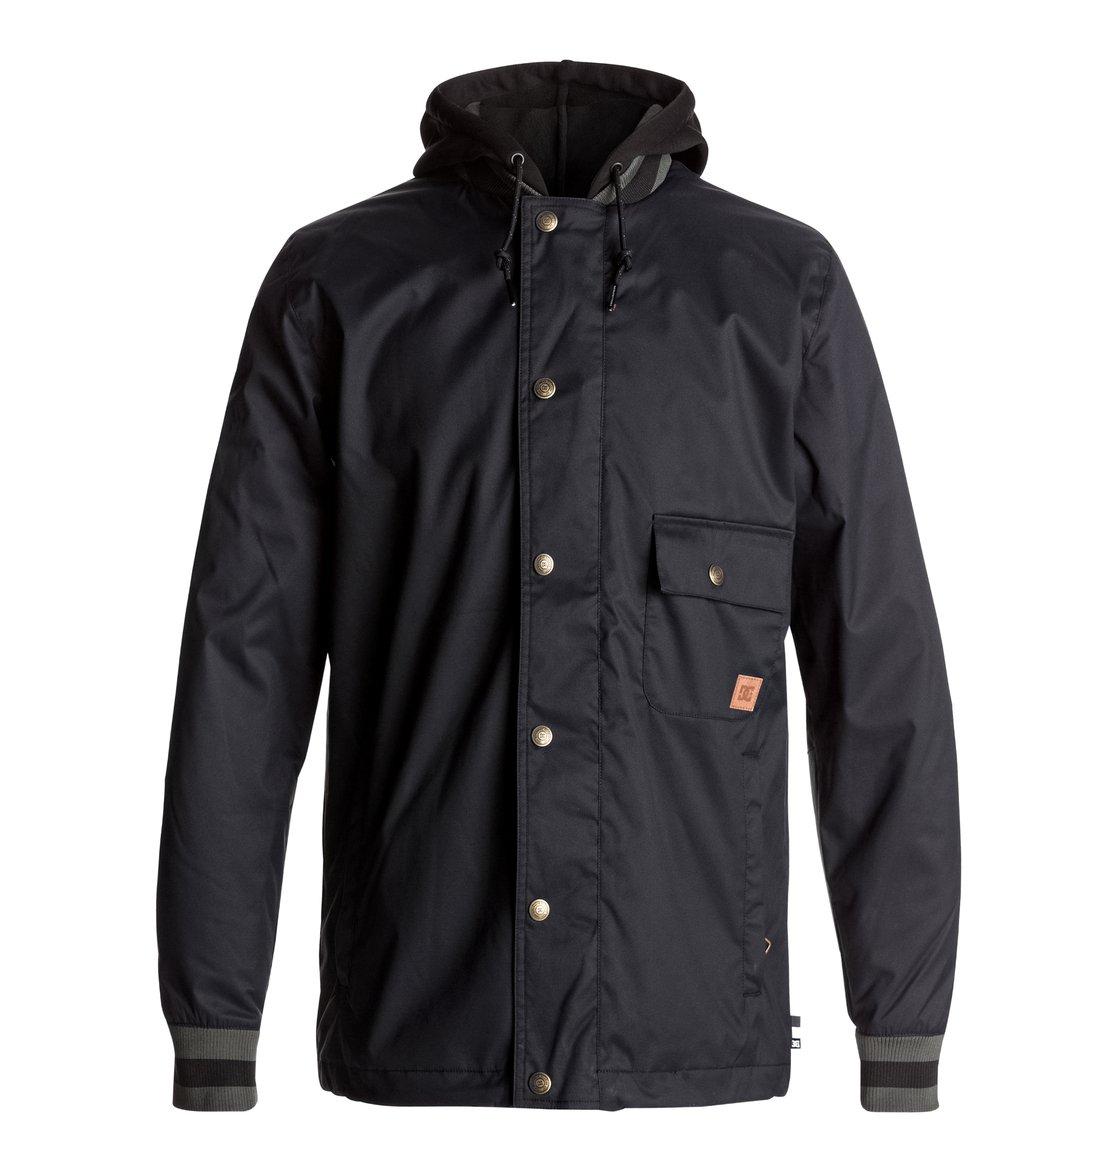 Сноубордическая куртка Flux